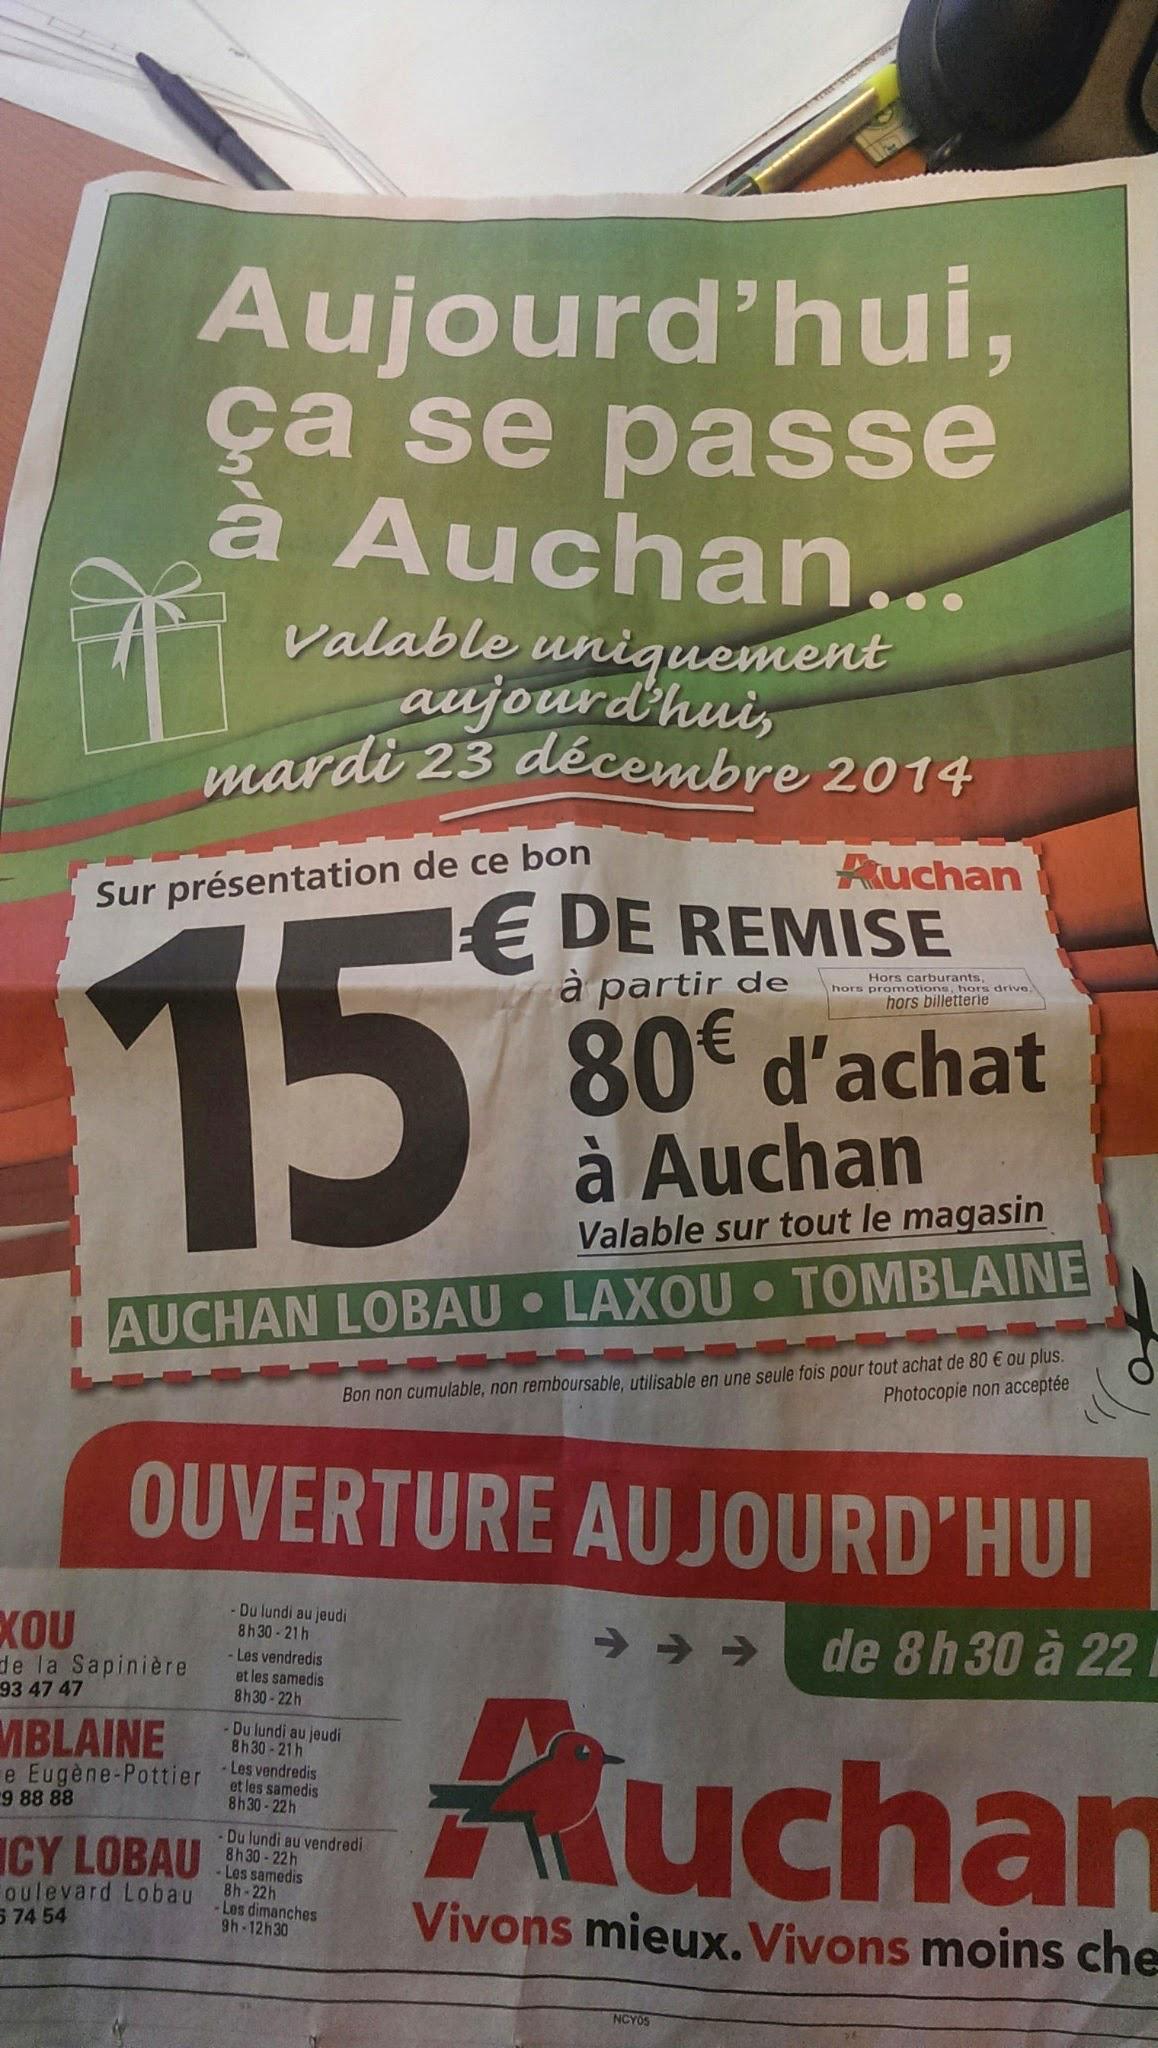 15€ de réduction dès 80€ d'achat à découper dans l'Est Republicain